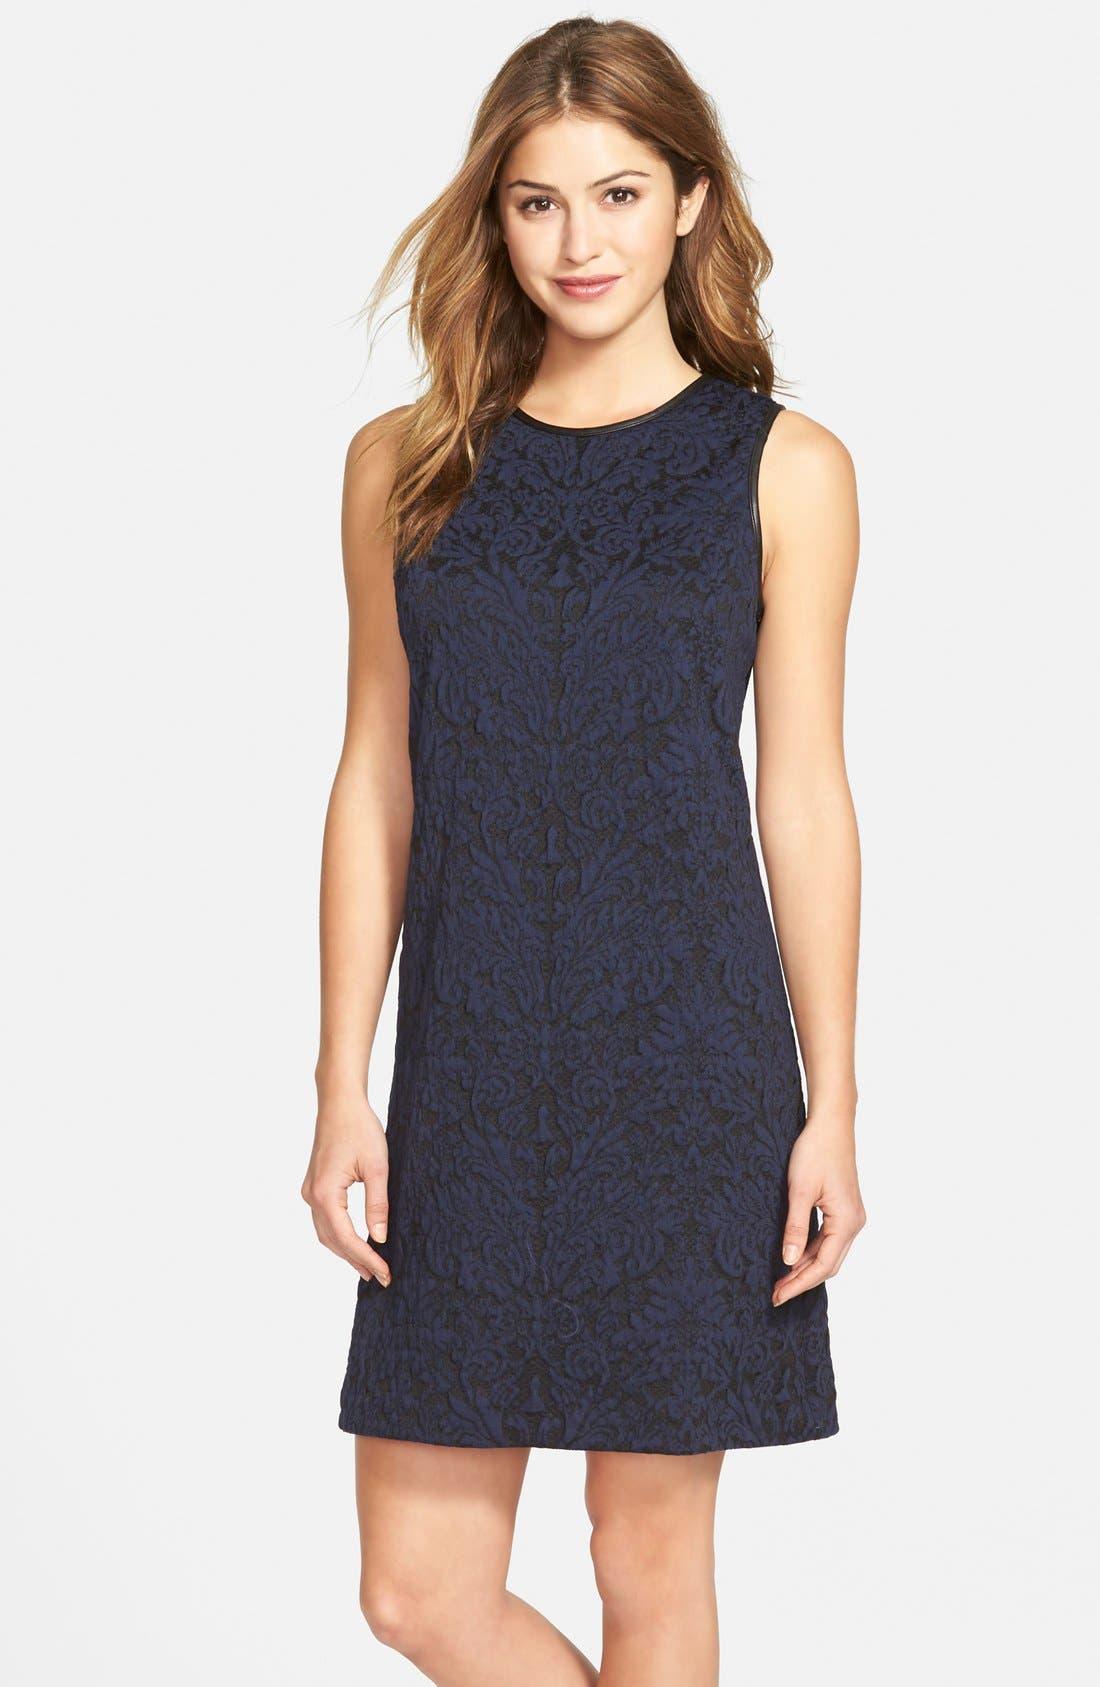 Main Image - Vince Camuto Cotton Blend Jacquard A-Line Dress